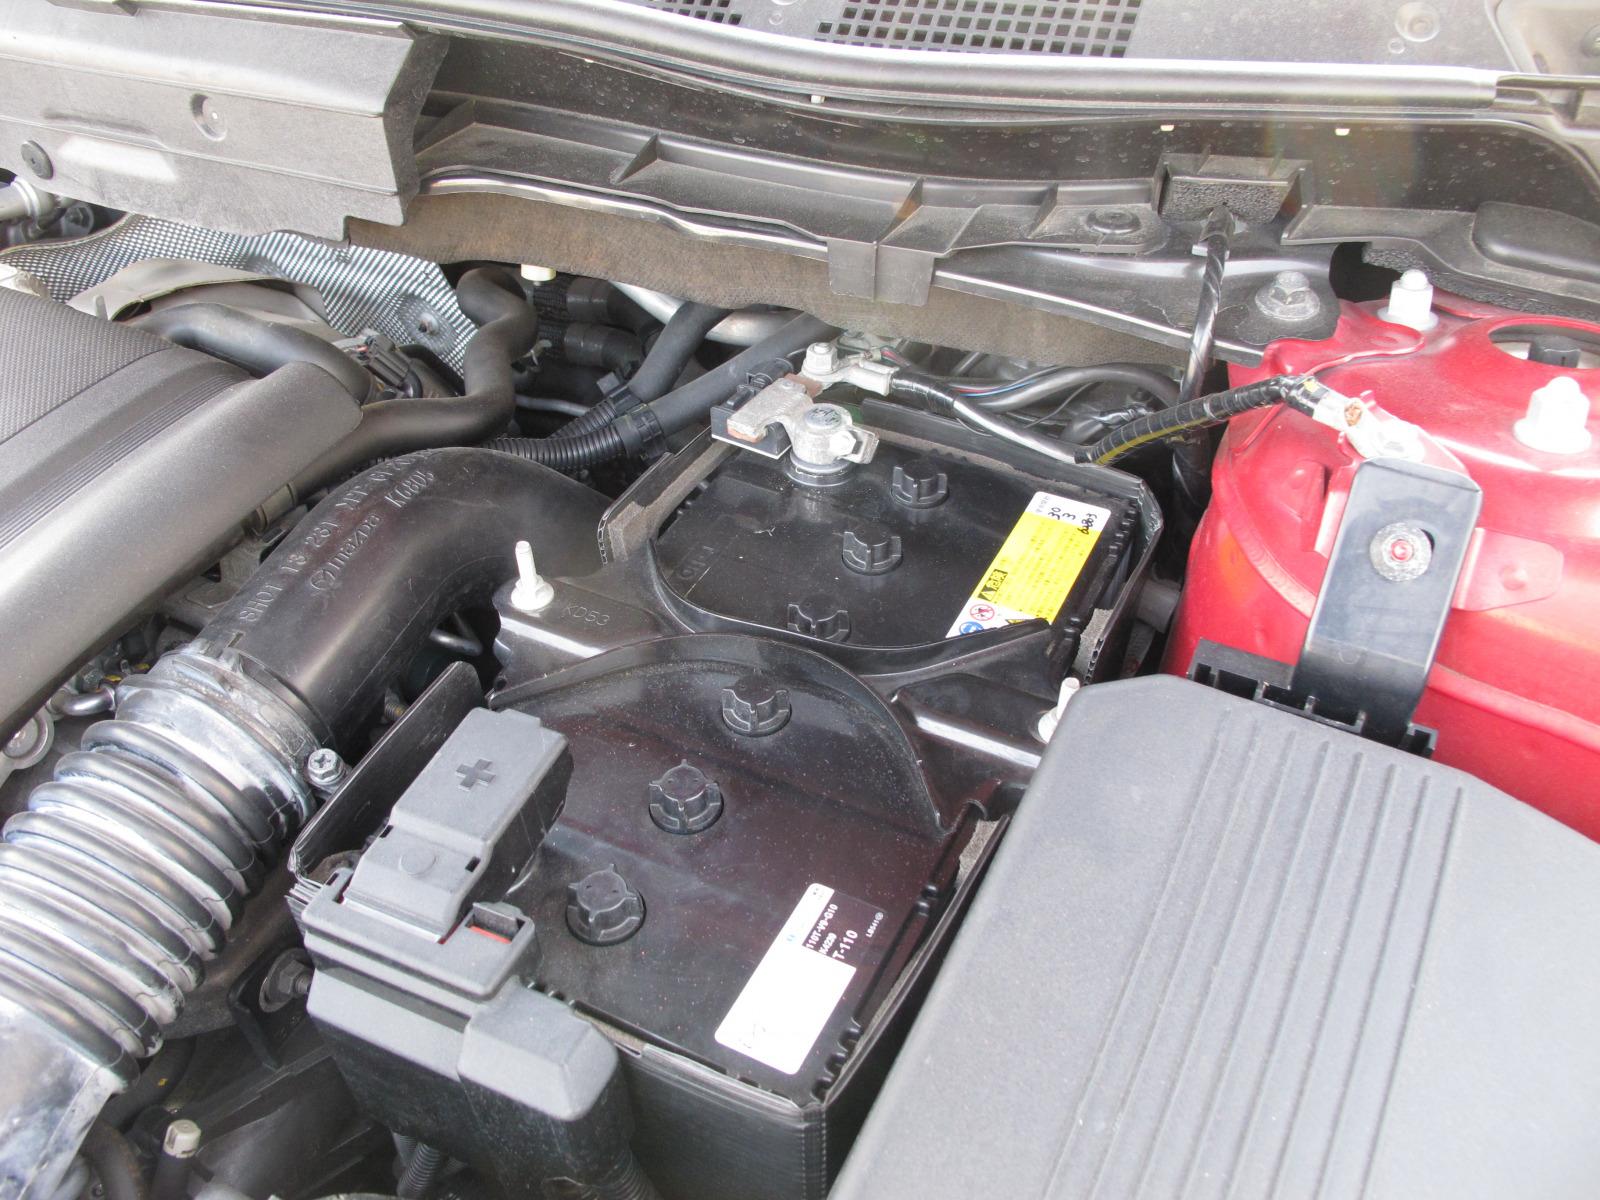 冬はバッテリー上がりに注意! エンジンがかからない時の対処法とは?